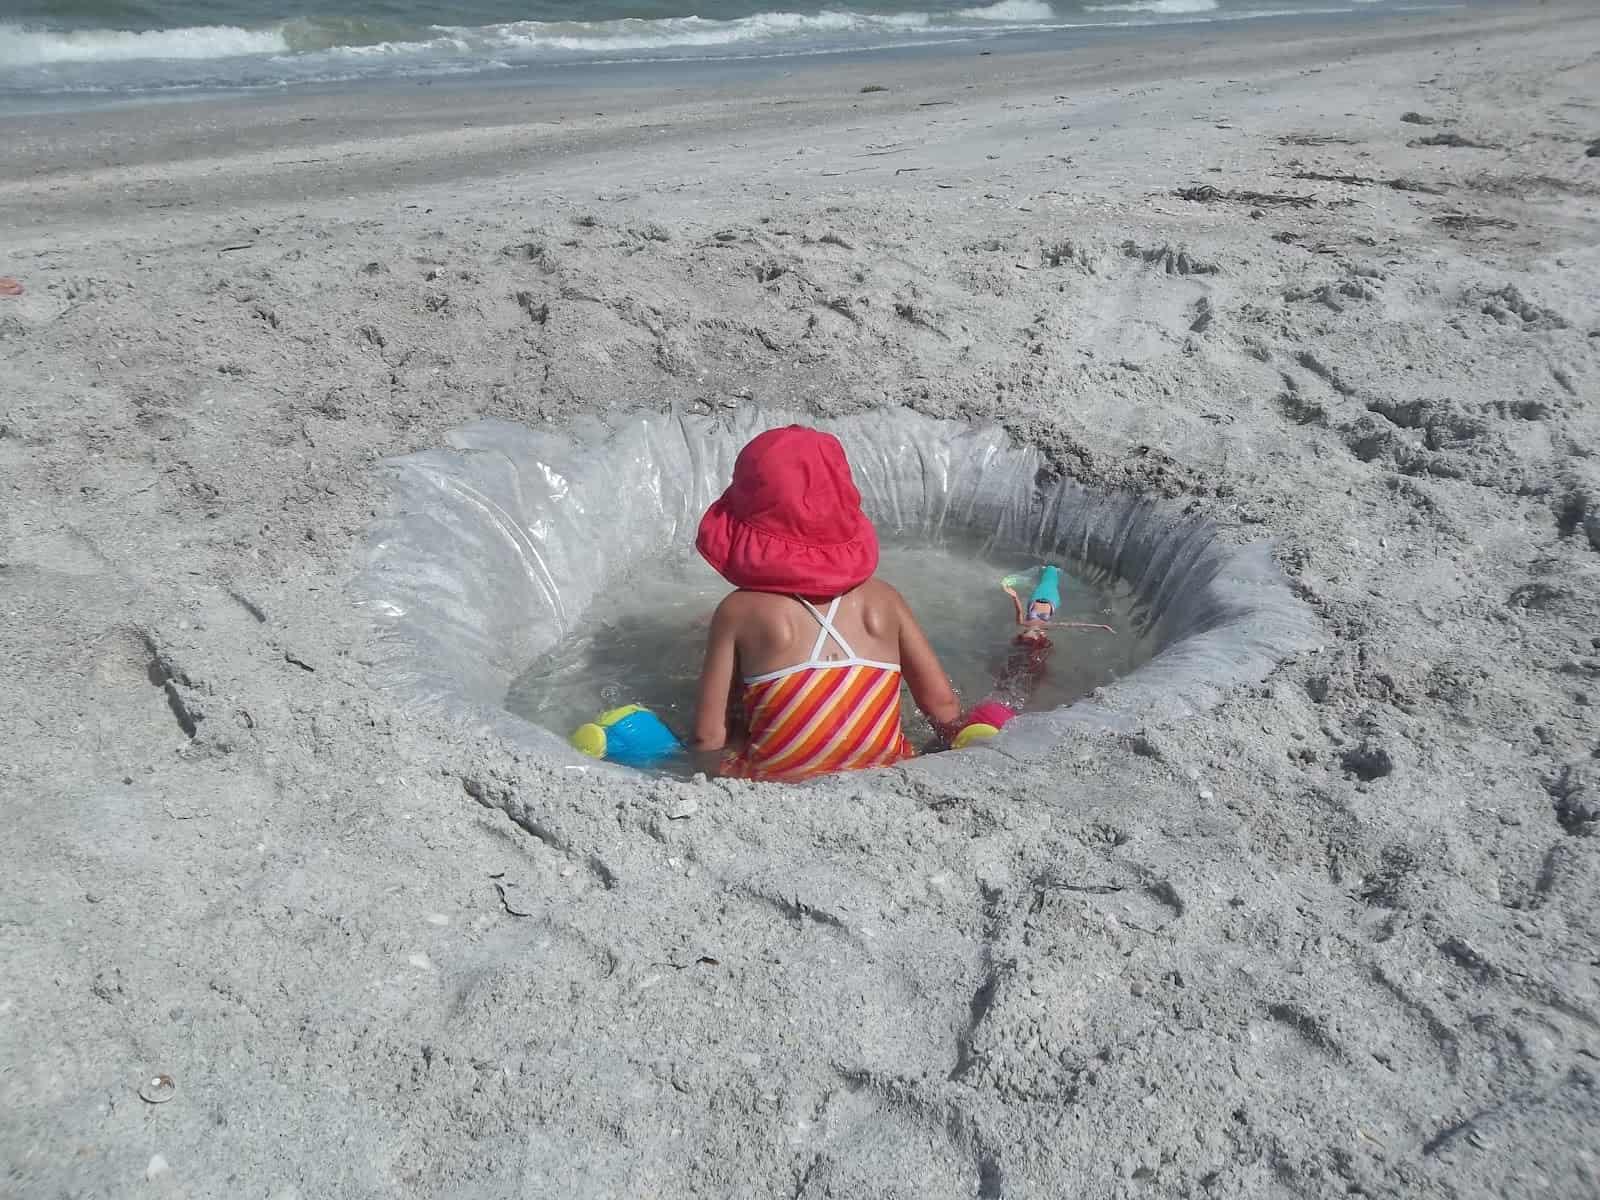 DIY kiddie pool in the sand